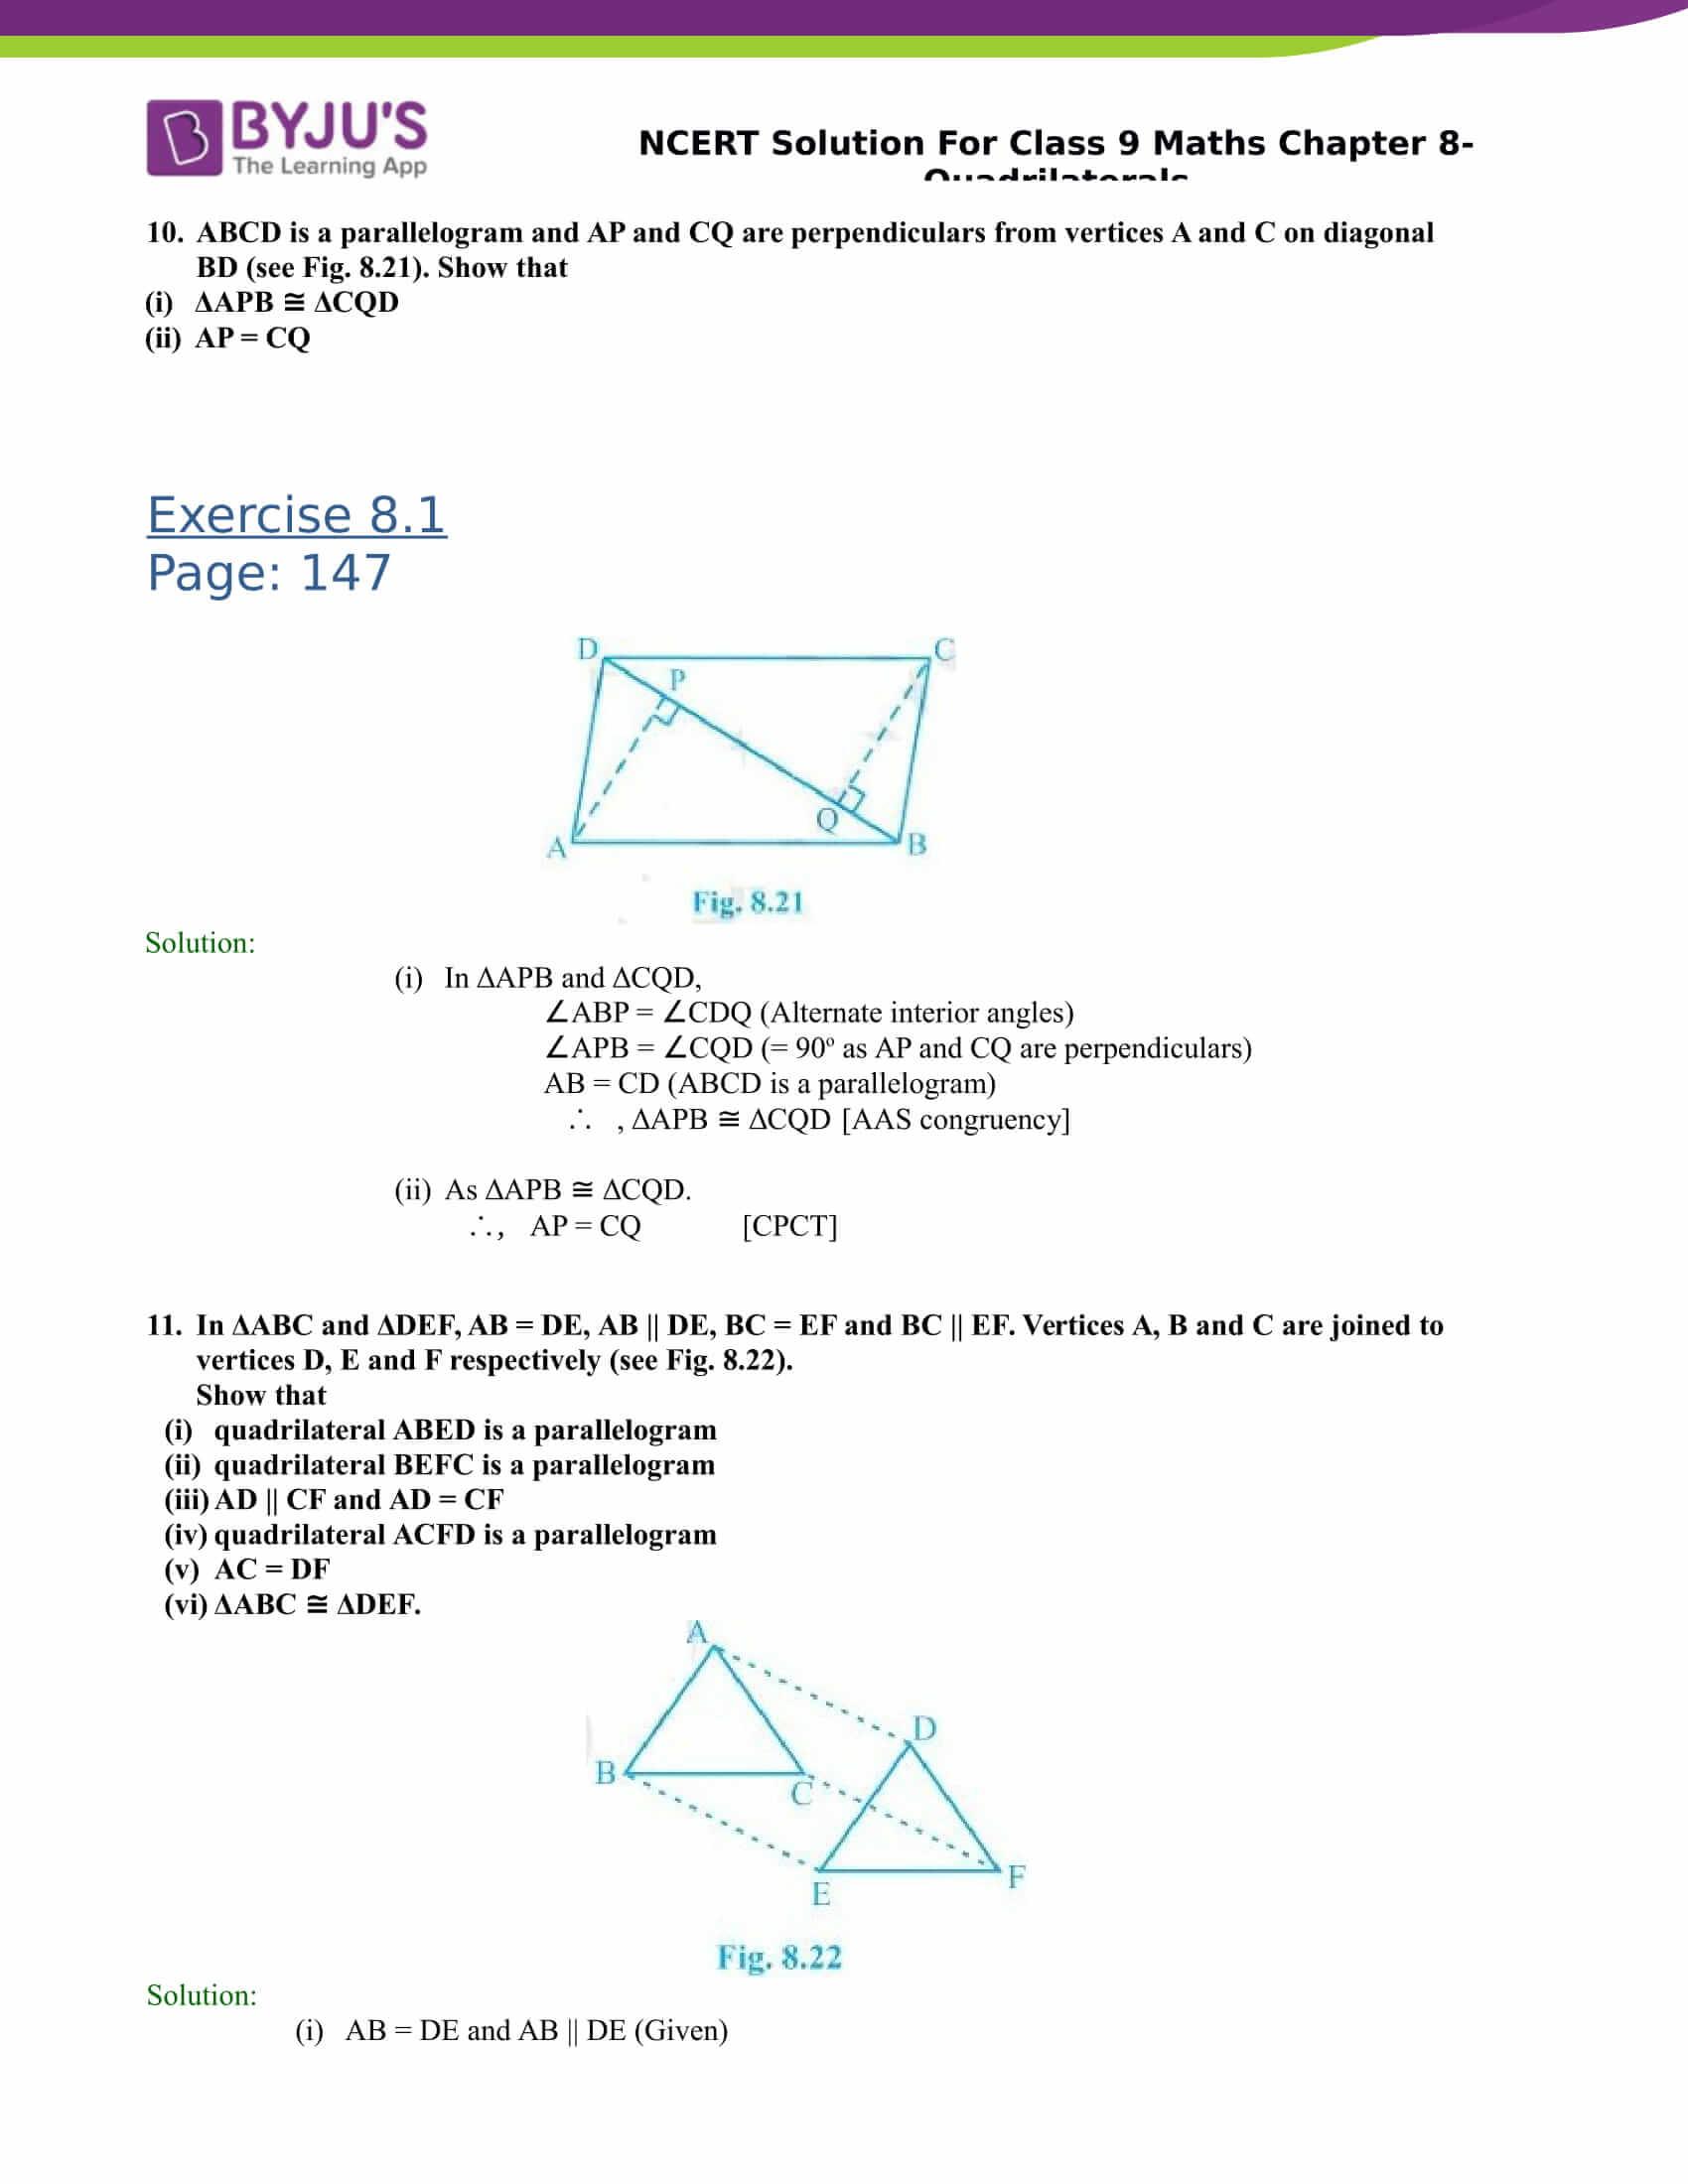 NCERT Solutions Class 9 Maths Chapter 8 Quadrilaterals - Click Here